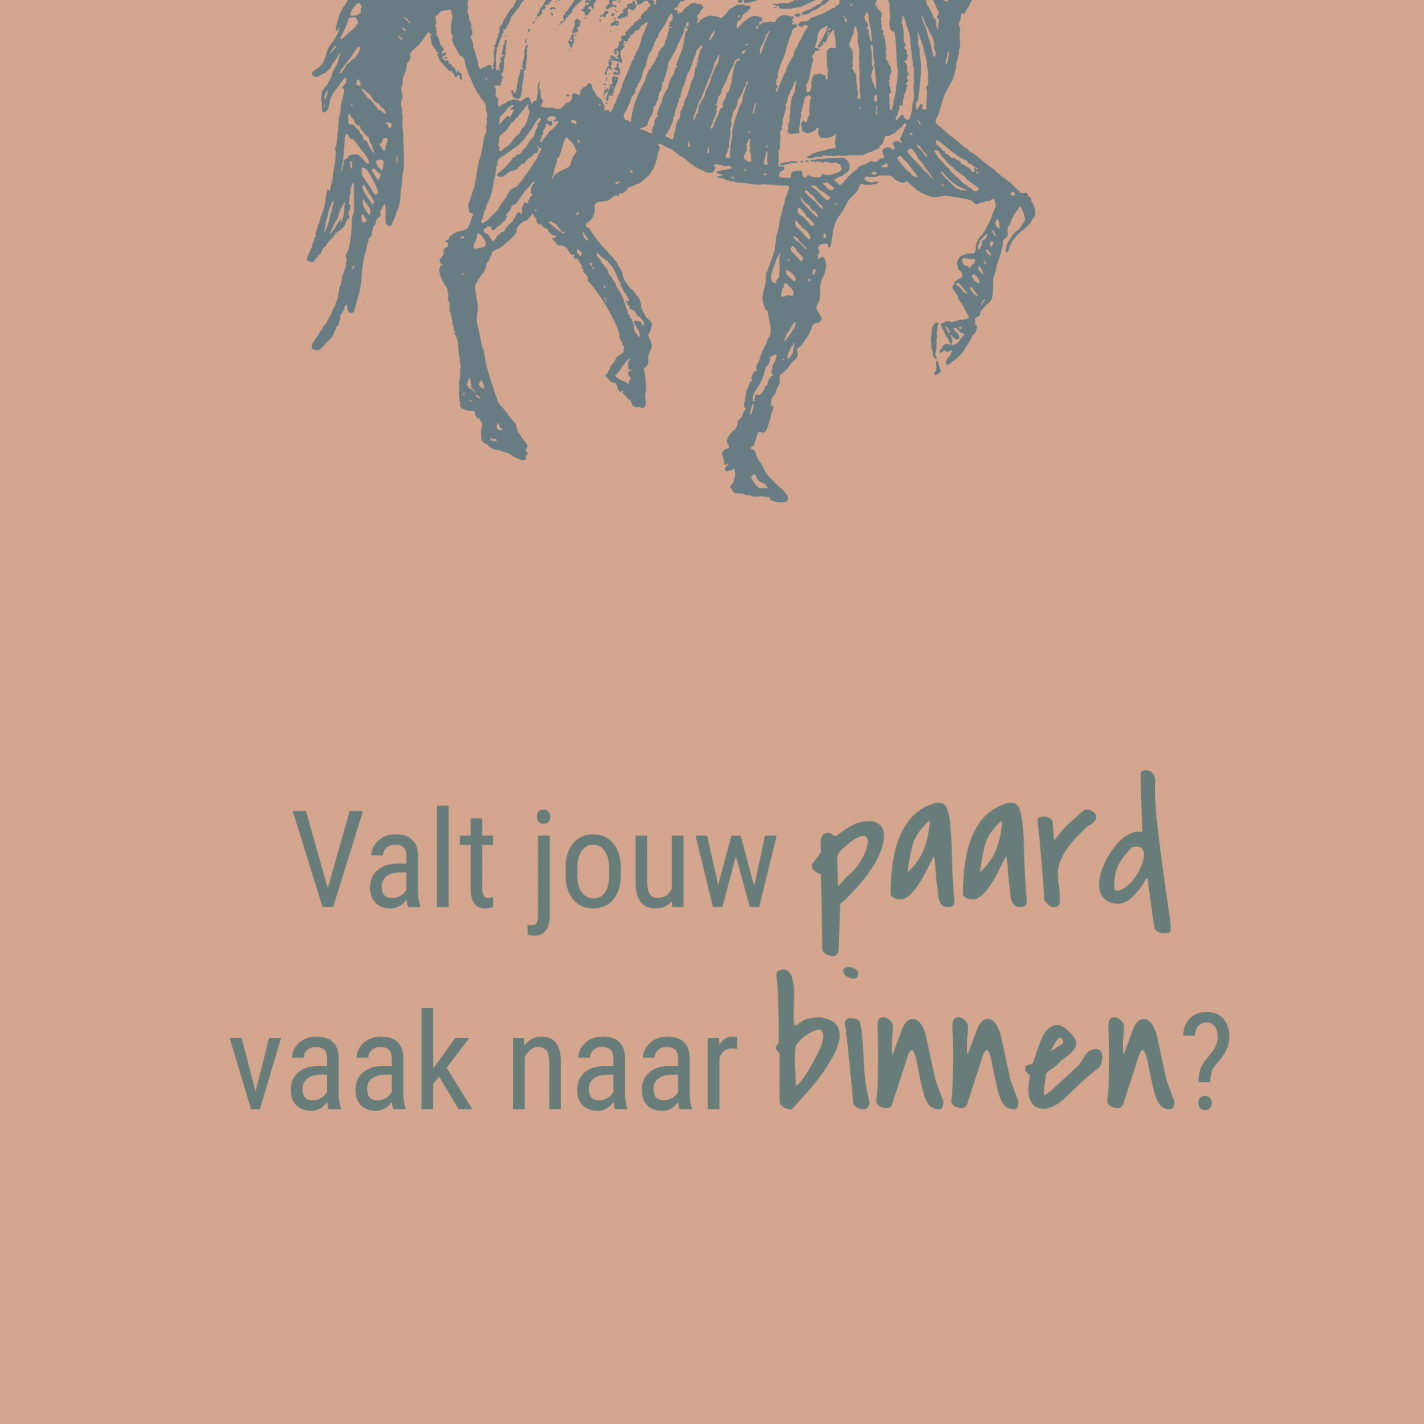 Horseprofessional_rijproblemen_paard naar binnen vallen